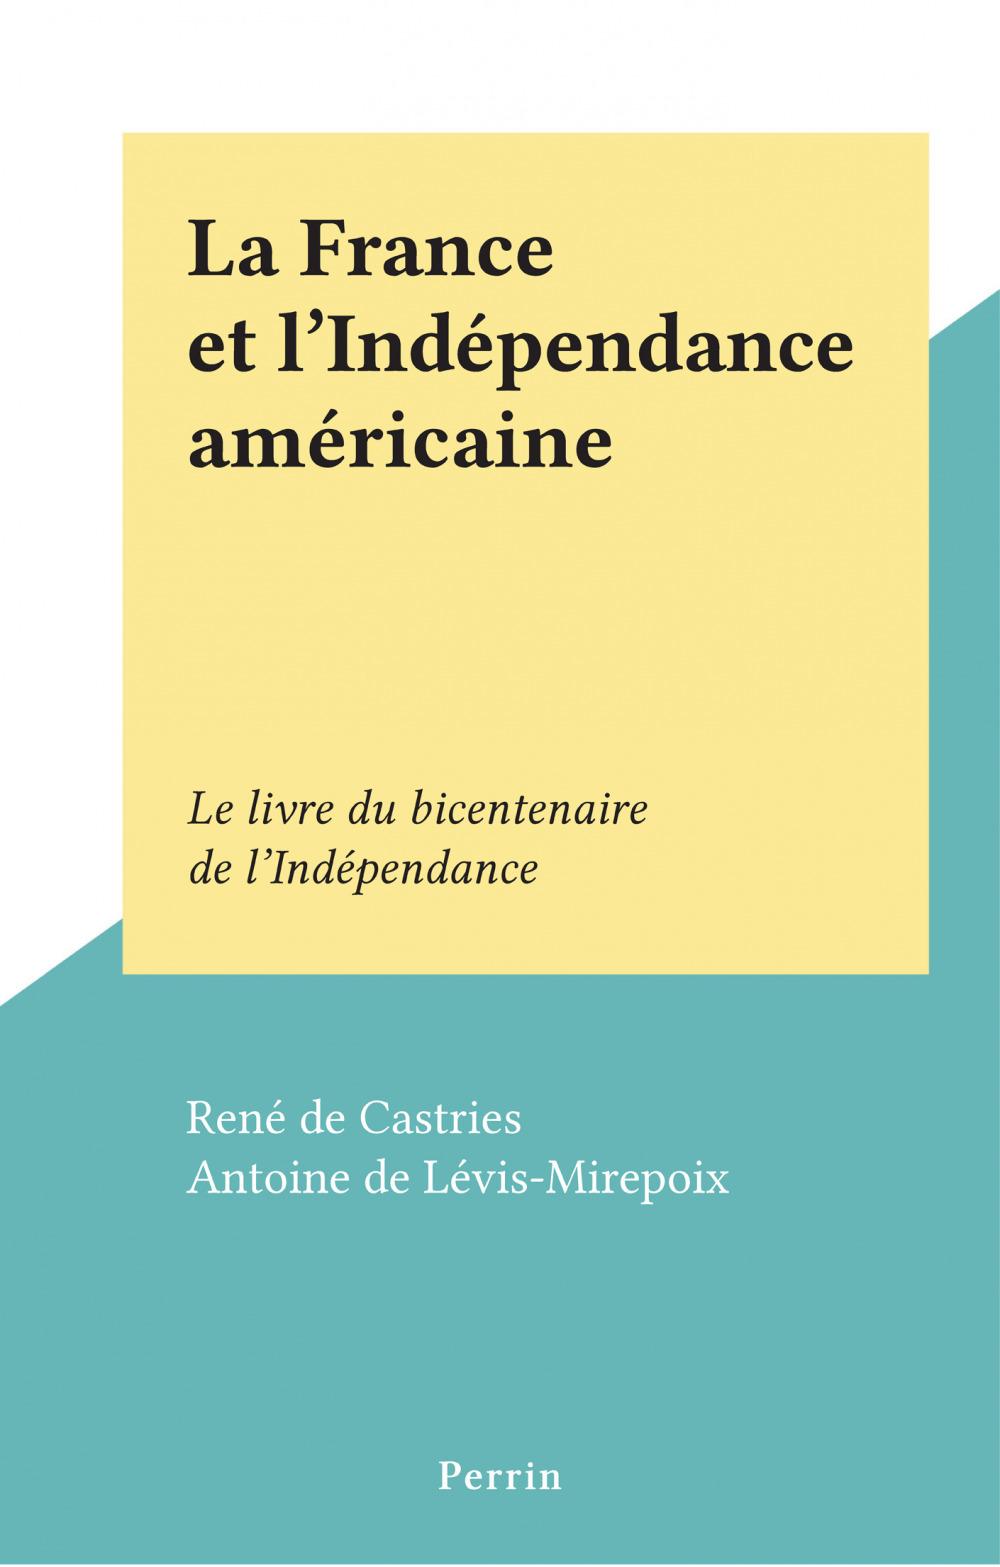 La France et l'Indépendance américaine  - René de Castries